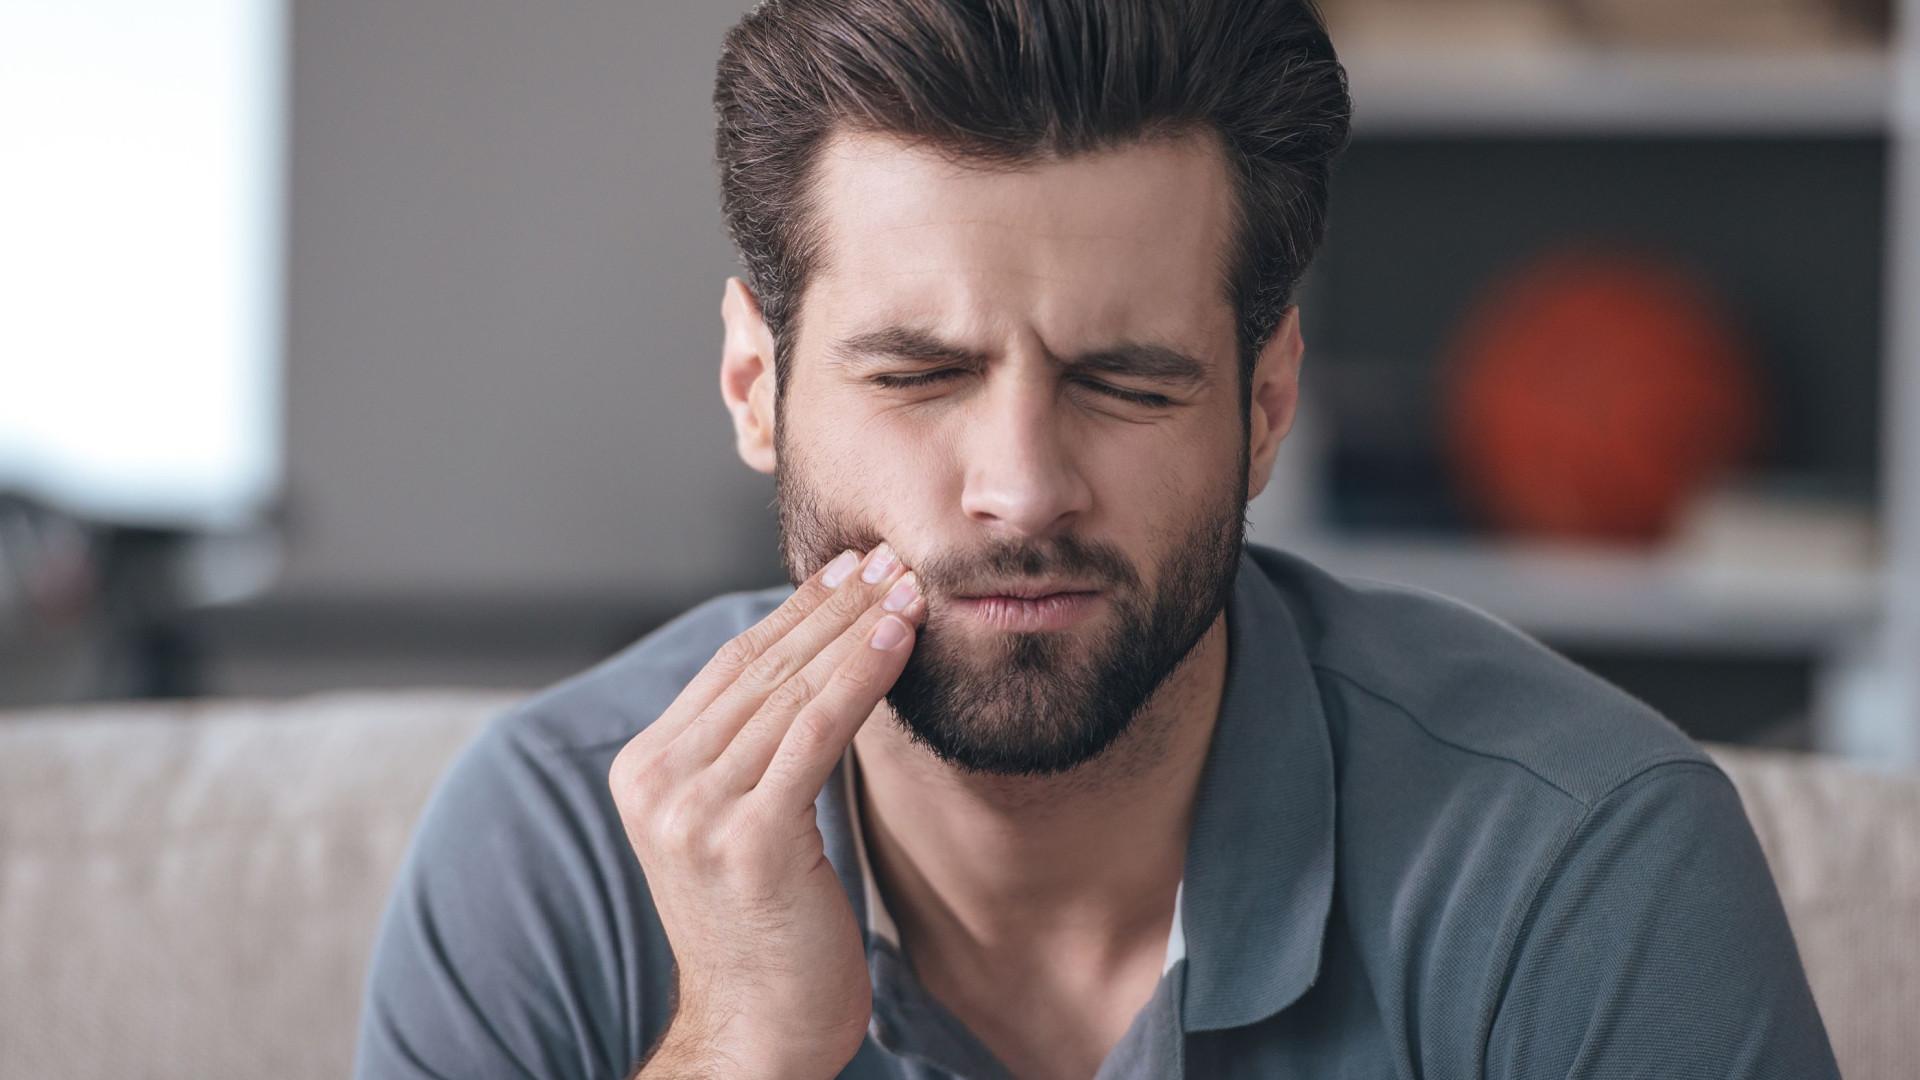 Descoberta terapia revolucionária para tratar infeções dentárias